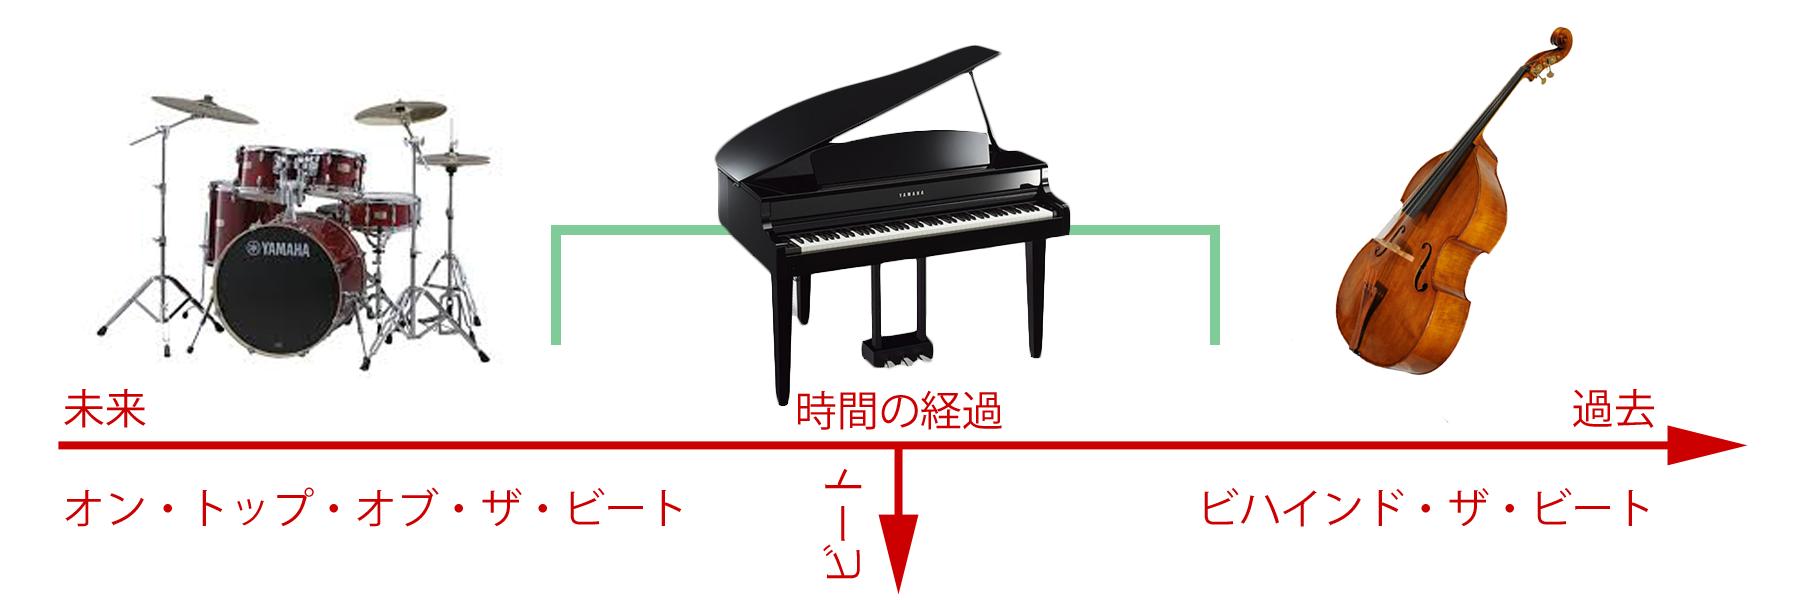 タイムの位置に於いてドラムとベースの位置が逆の場合